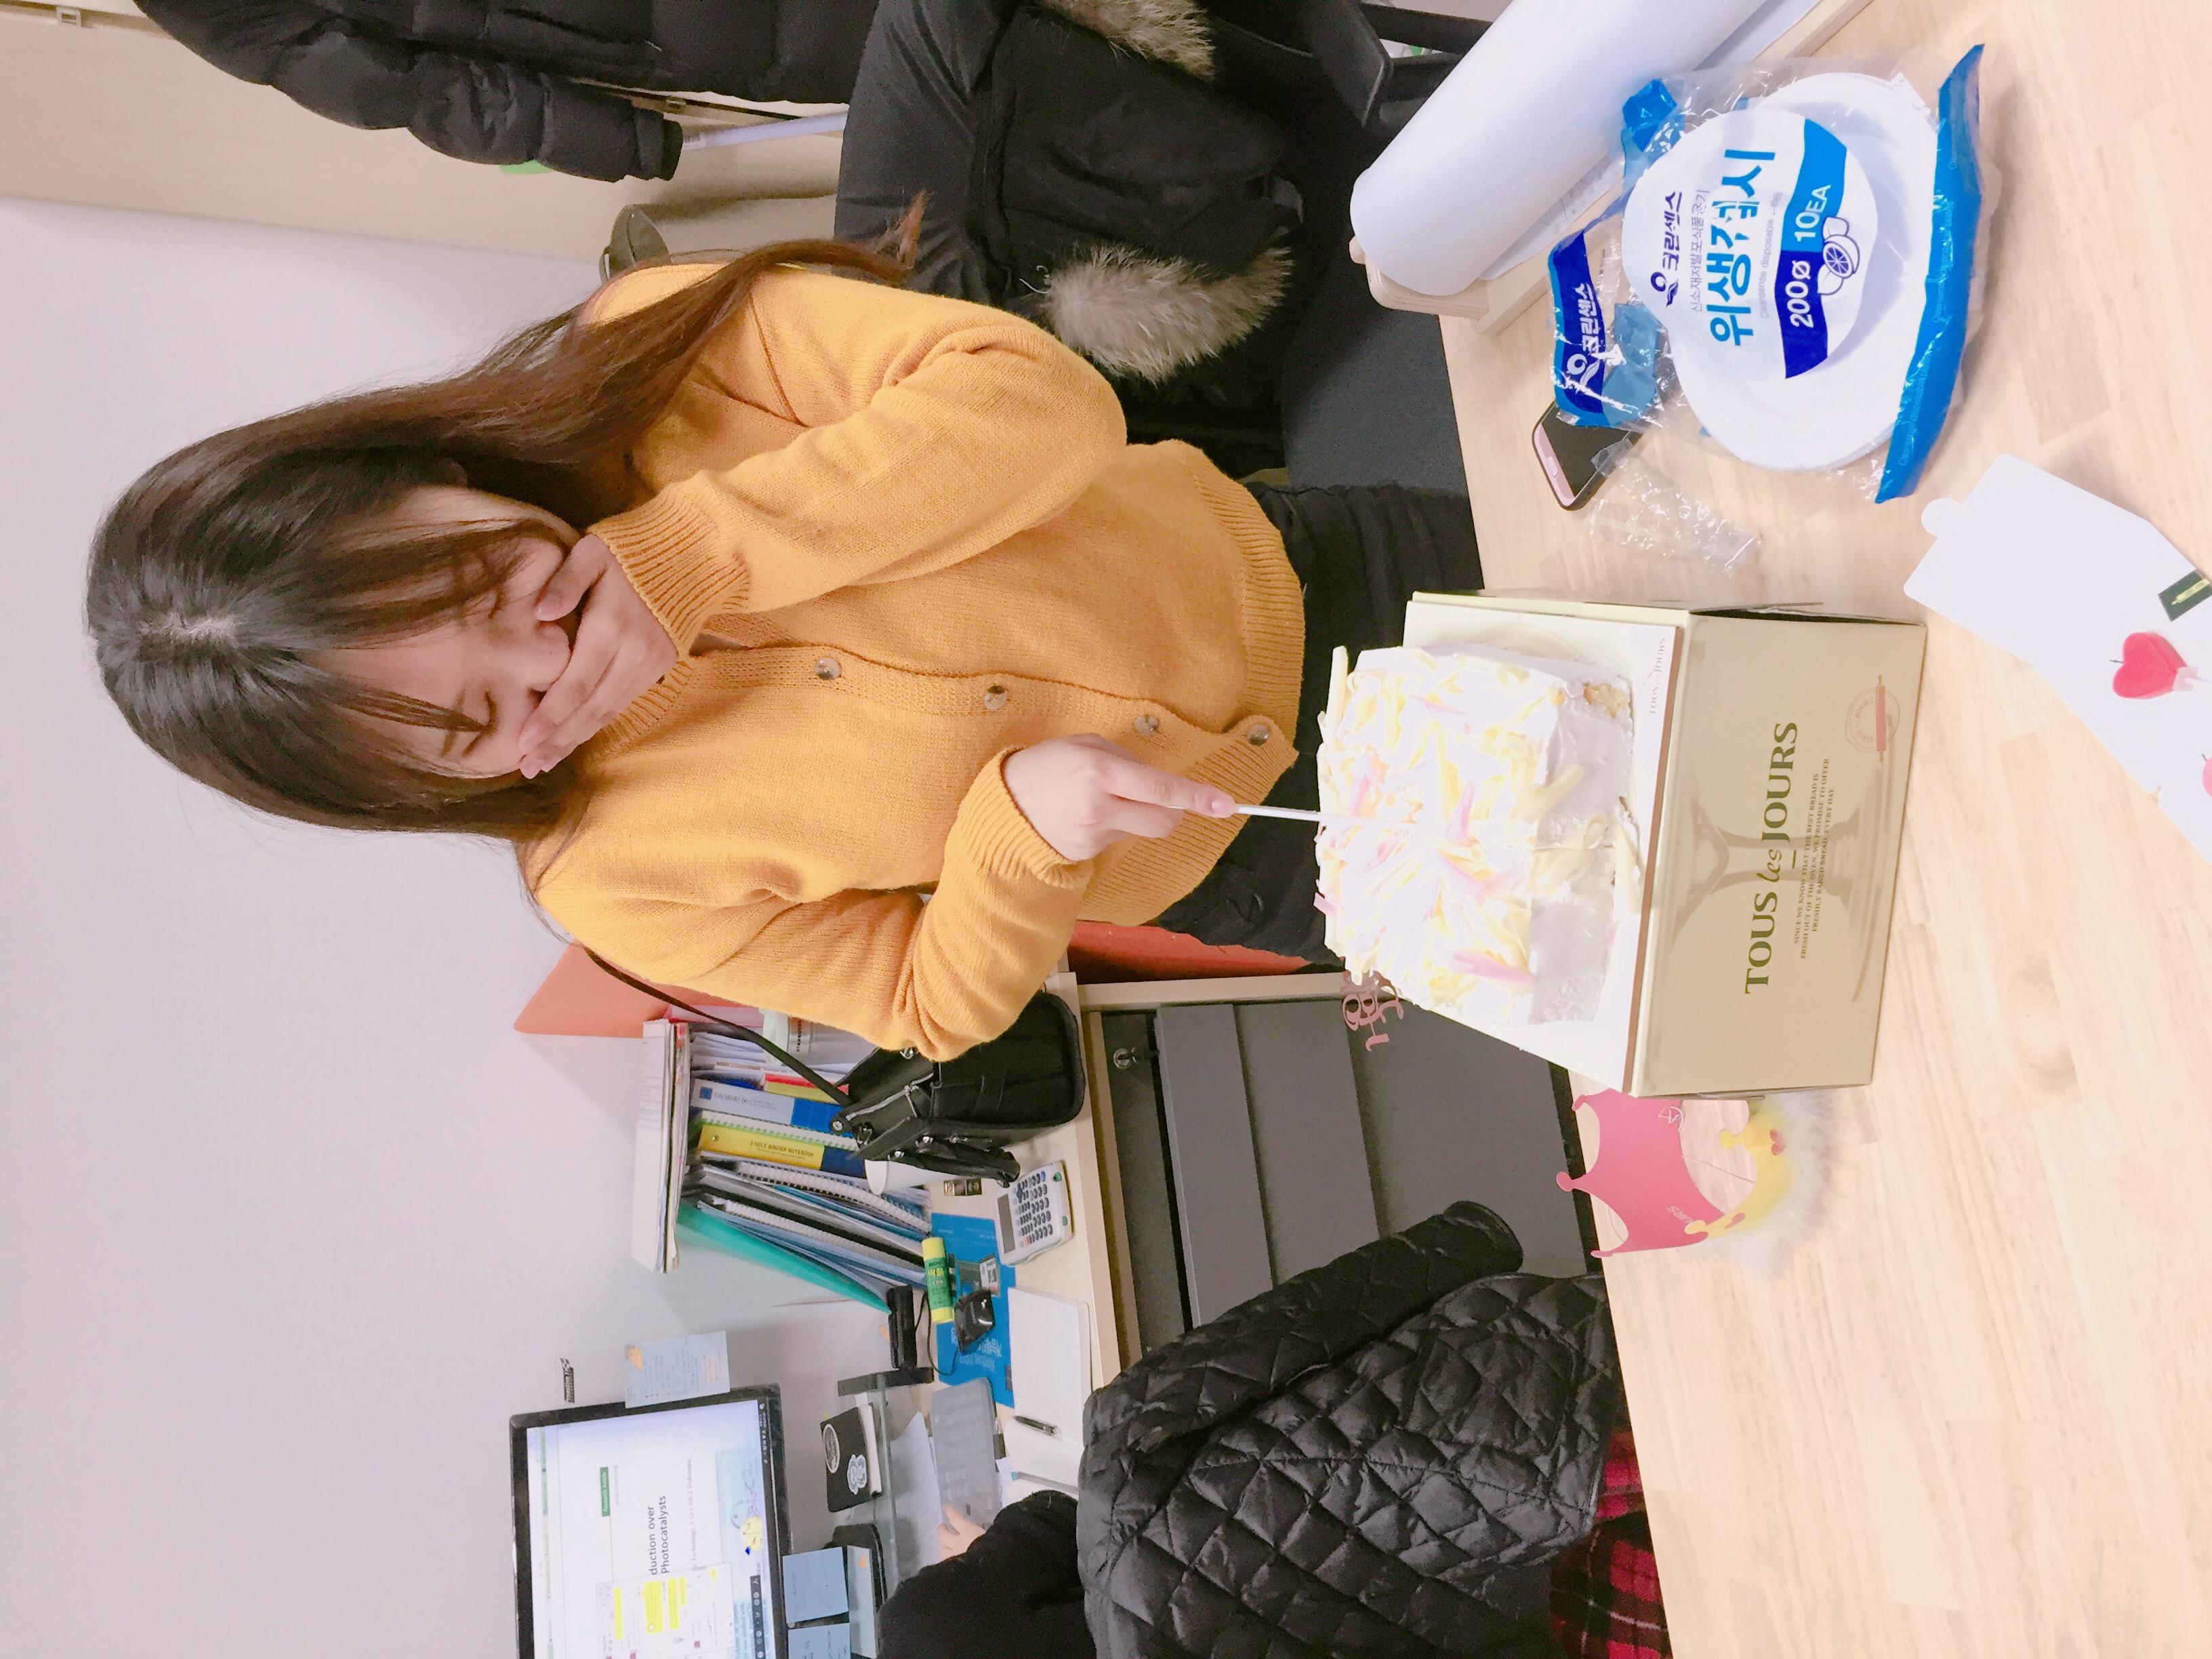 2018.01.27 소연's birthday!